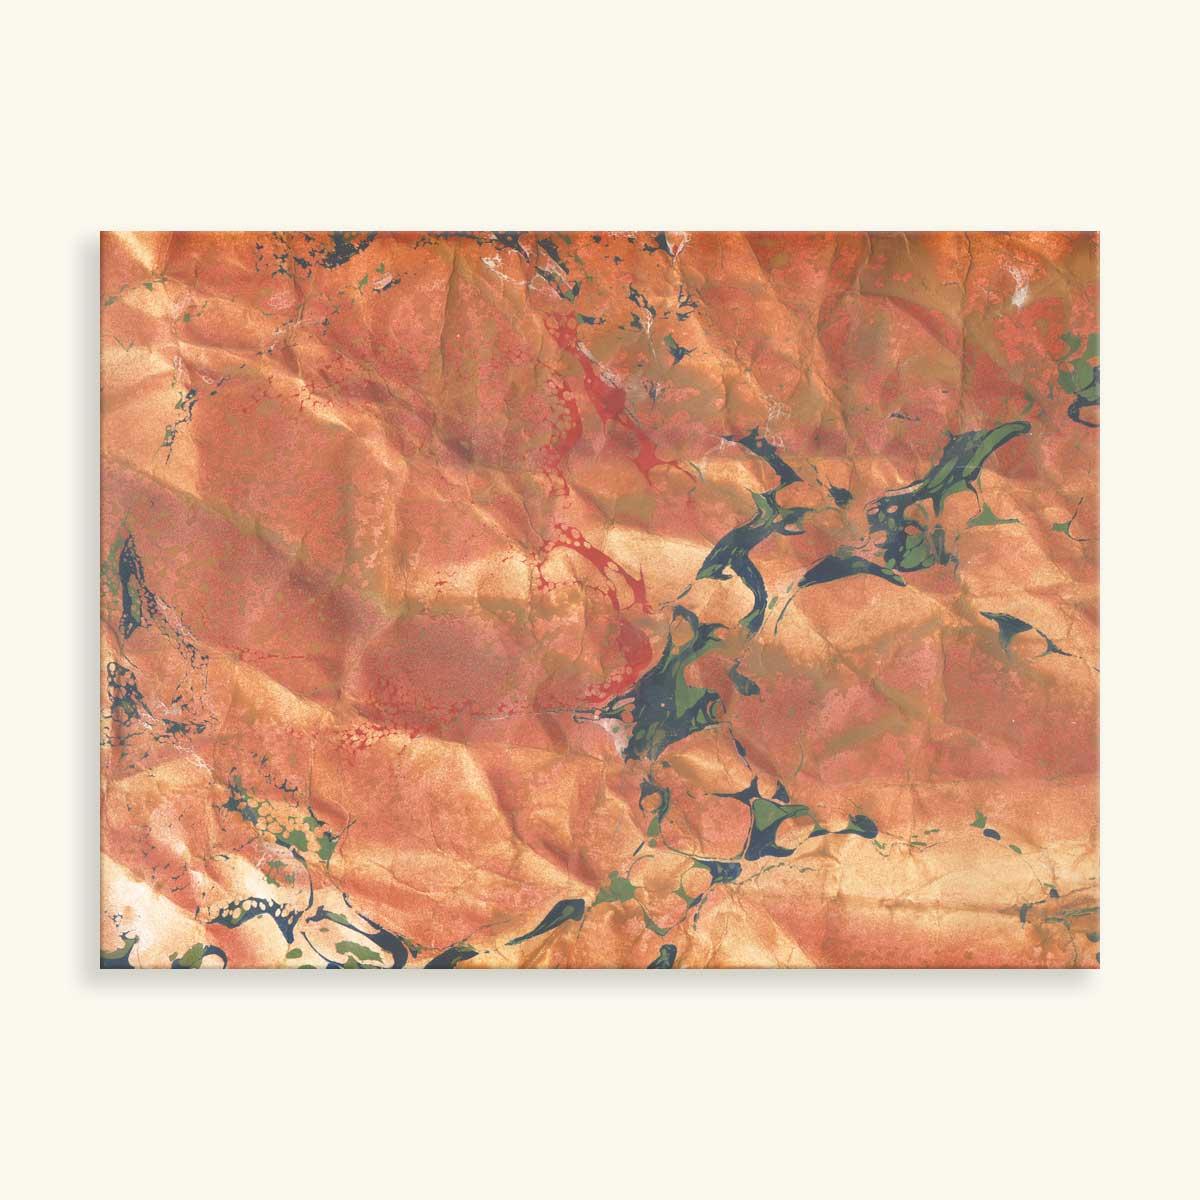 gürel ebrusu özgün kompozisyon No 41